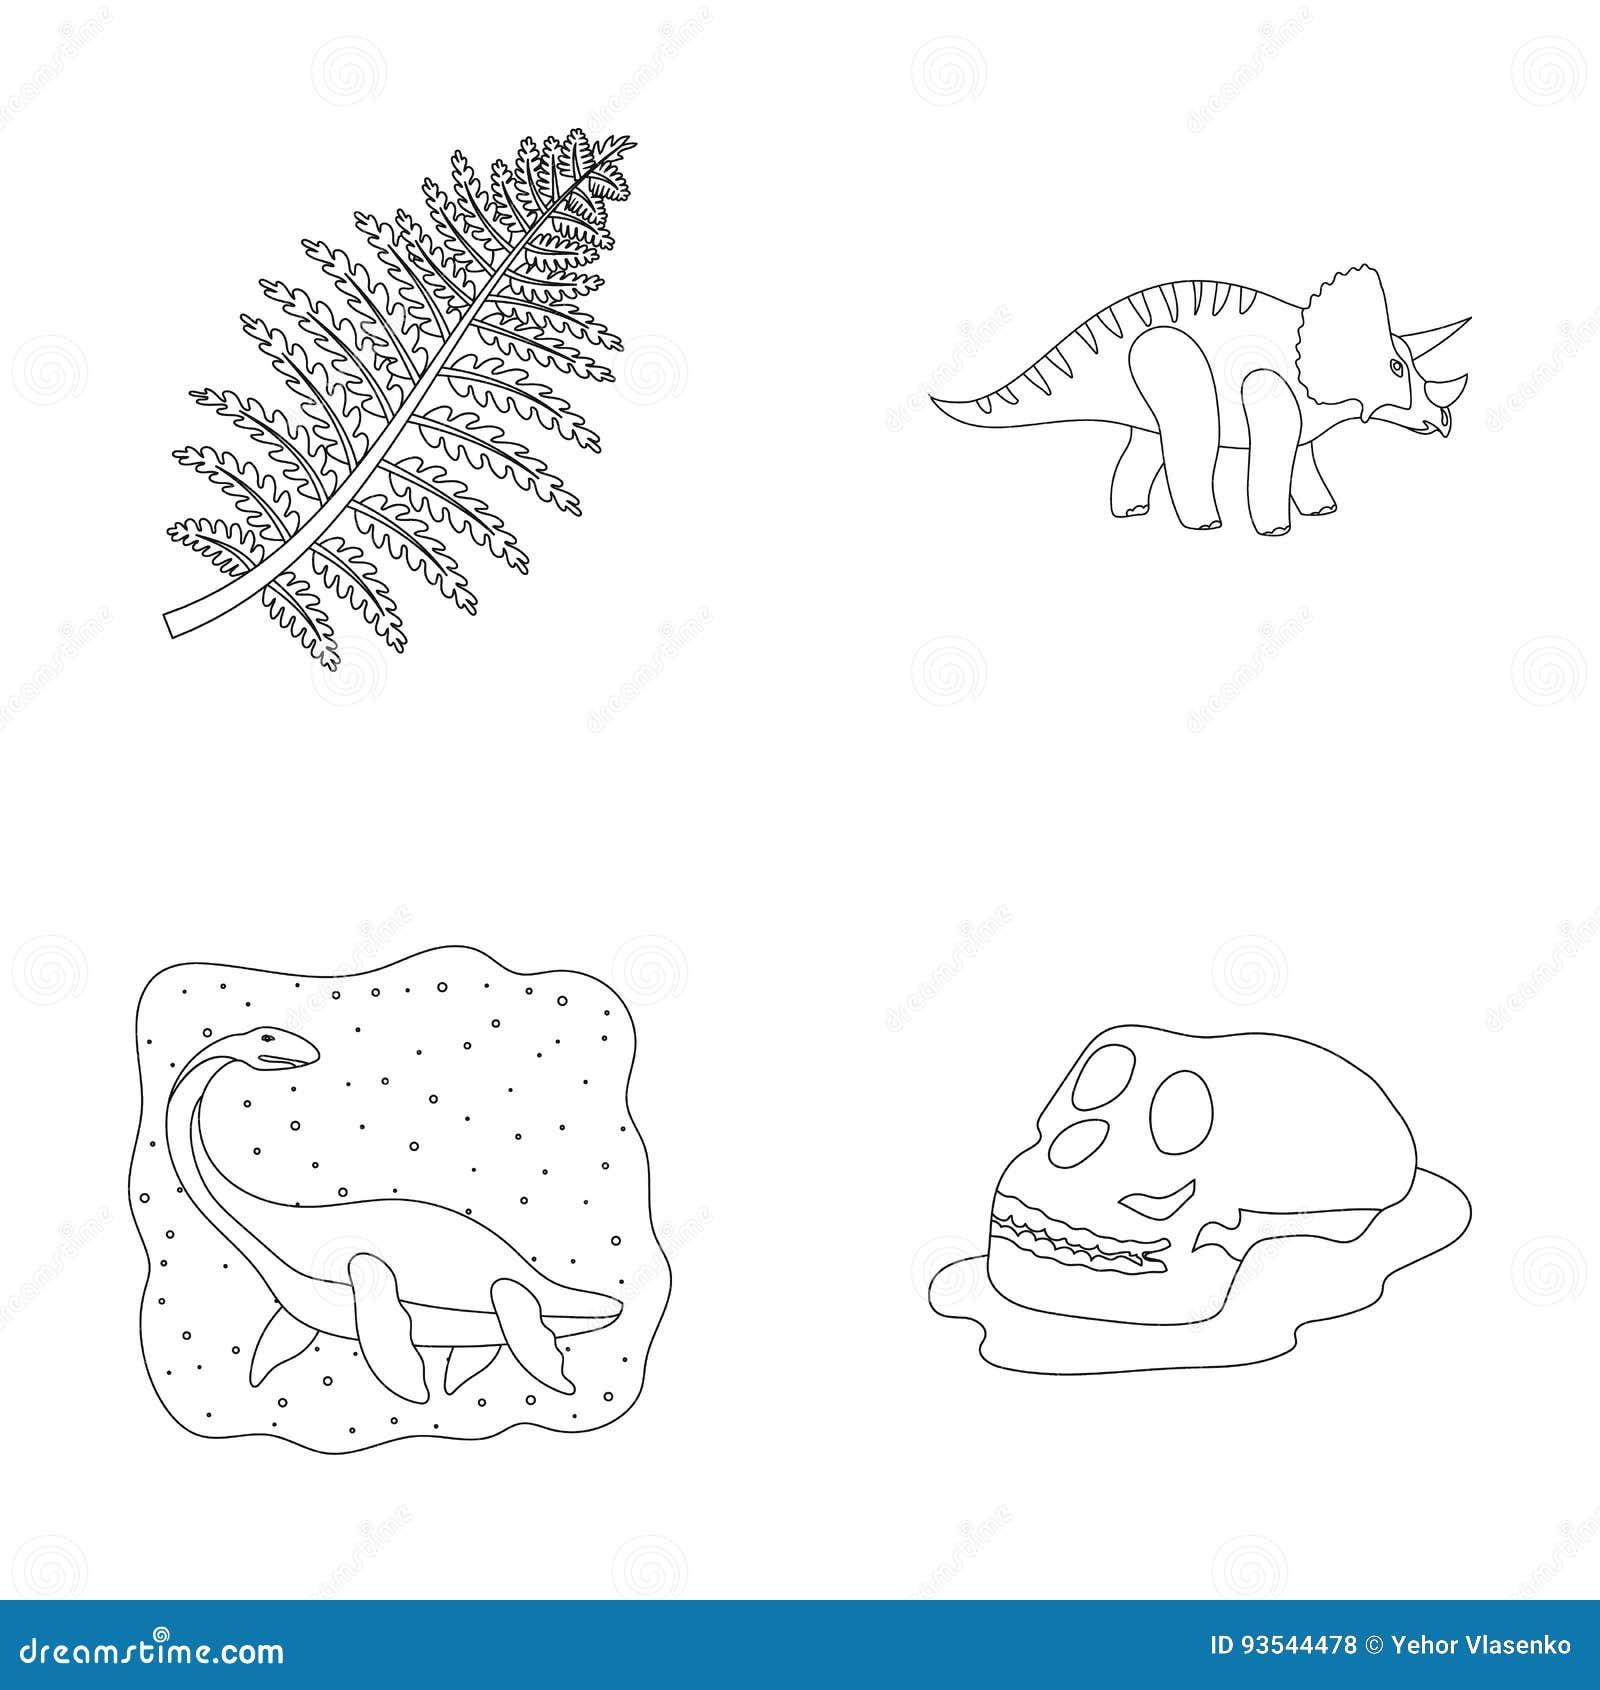 Sea Dinosaur Triceratops Prehistoric Plant Human Skull Dinosaur